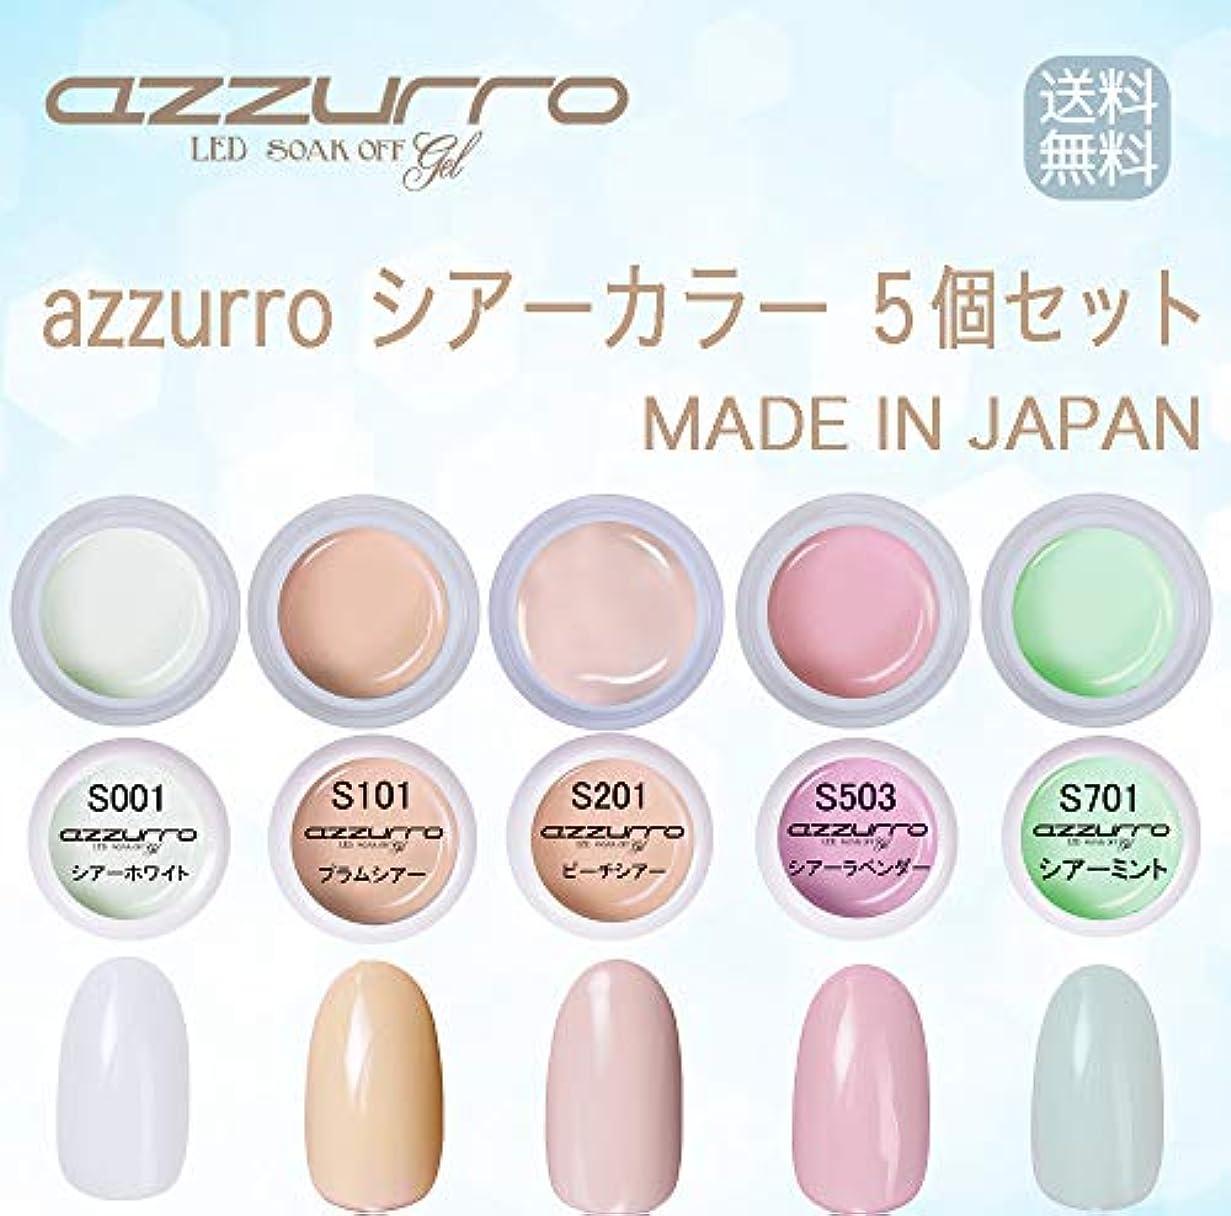 クライアント入手しますはちみつ【送料無料】日本製 azzurro gel シアー カラージェル5個セット グラデーションにもピッタリなカラー